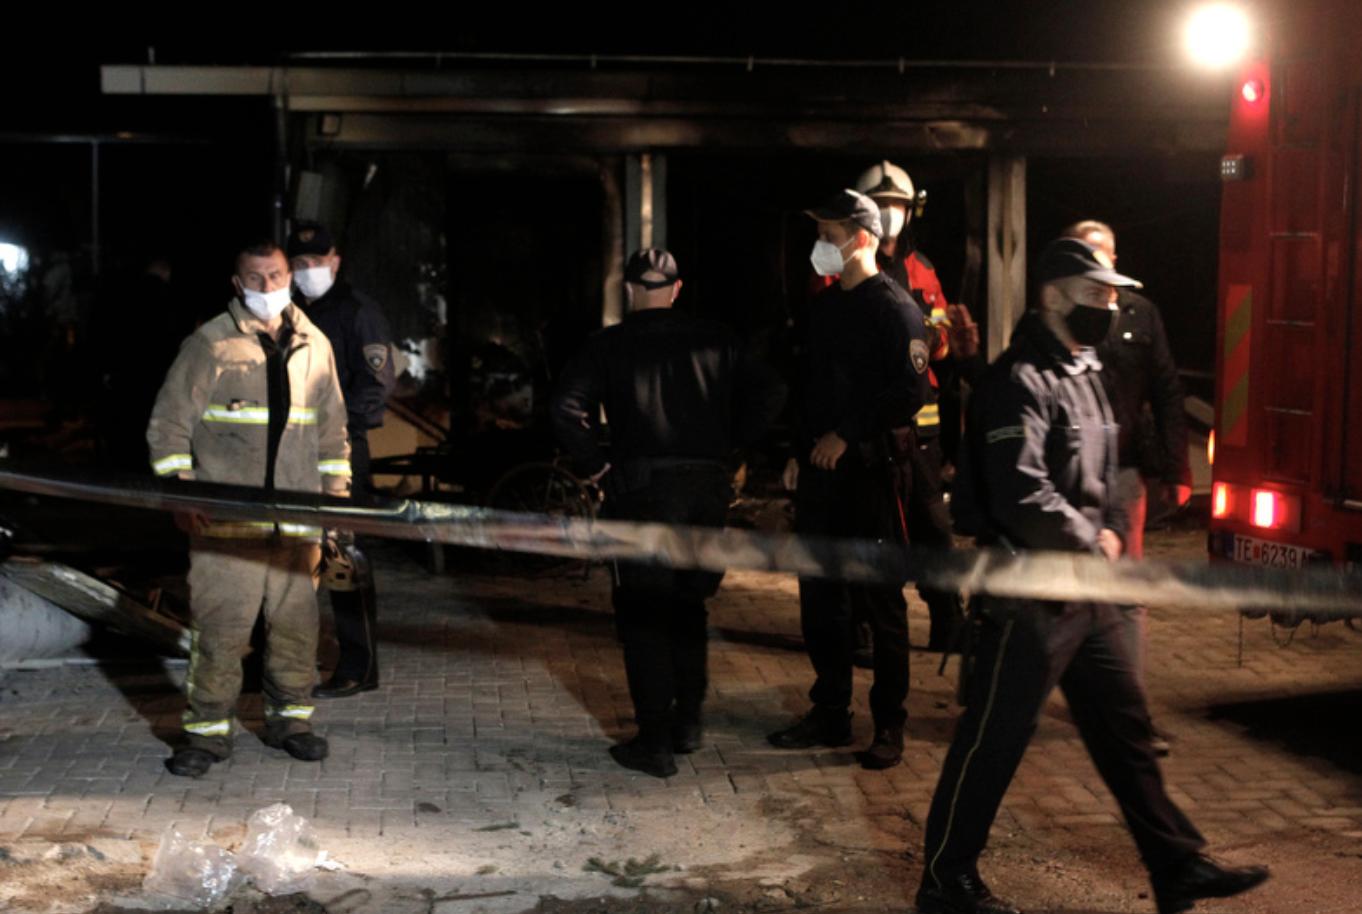 Βόρεια Μακεδονία: Δεκατέσσερεις νεκροί από πυρκαγιά σε νοσοκομείο Covid στο Τέτοβο